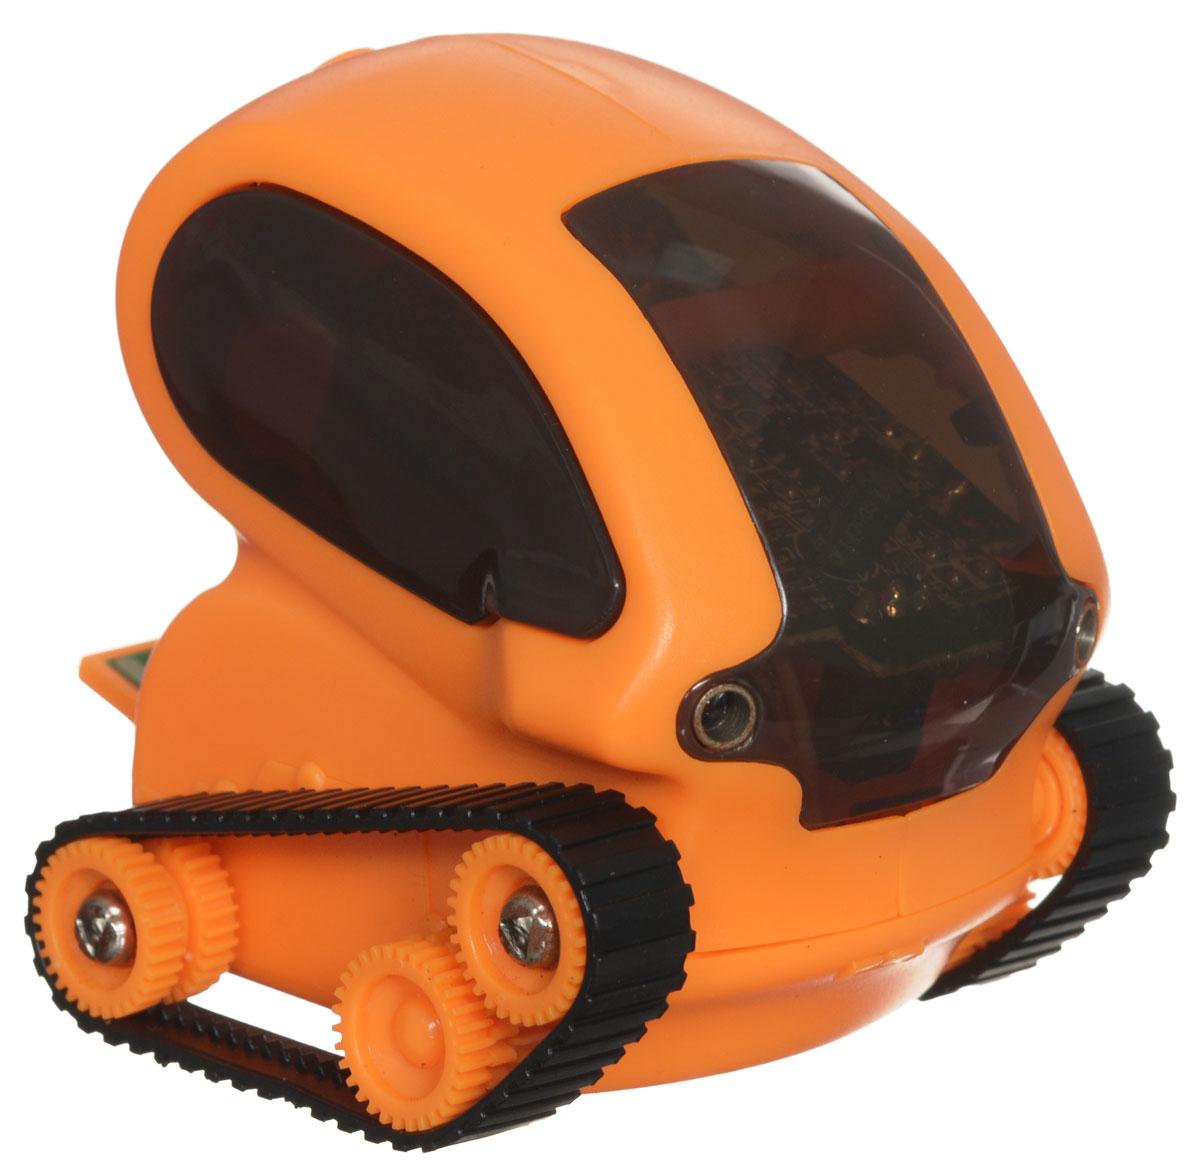 DeskPets Микро-робот на радиоуправлении Танкбот цвет оранжевый